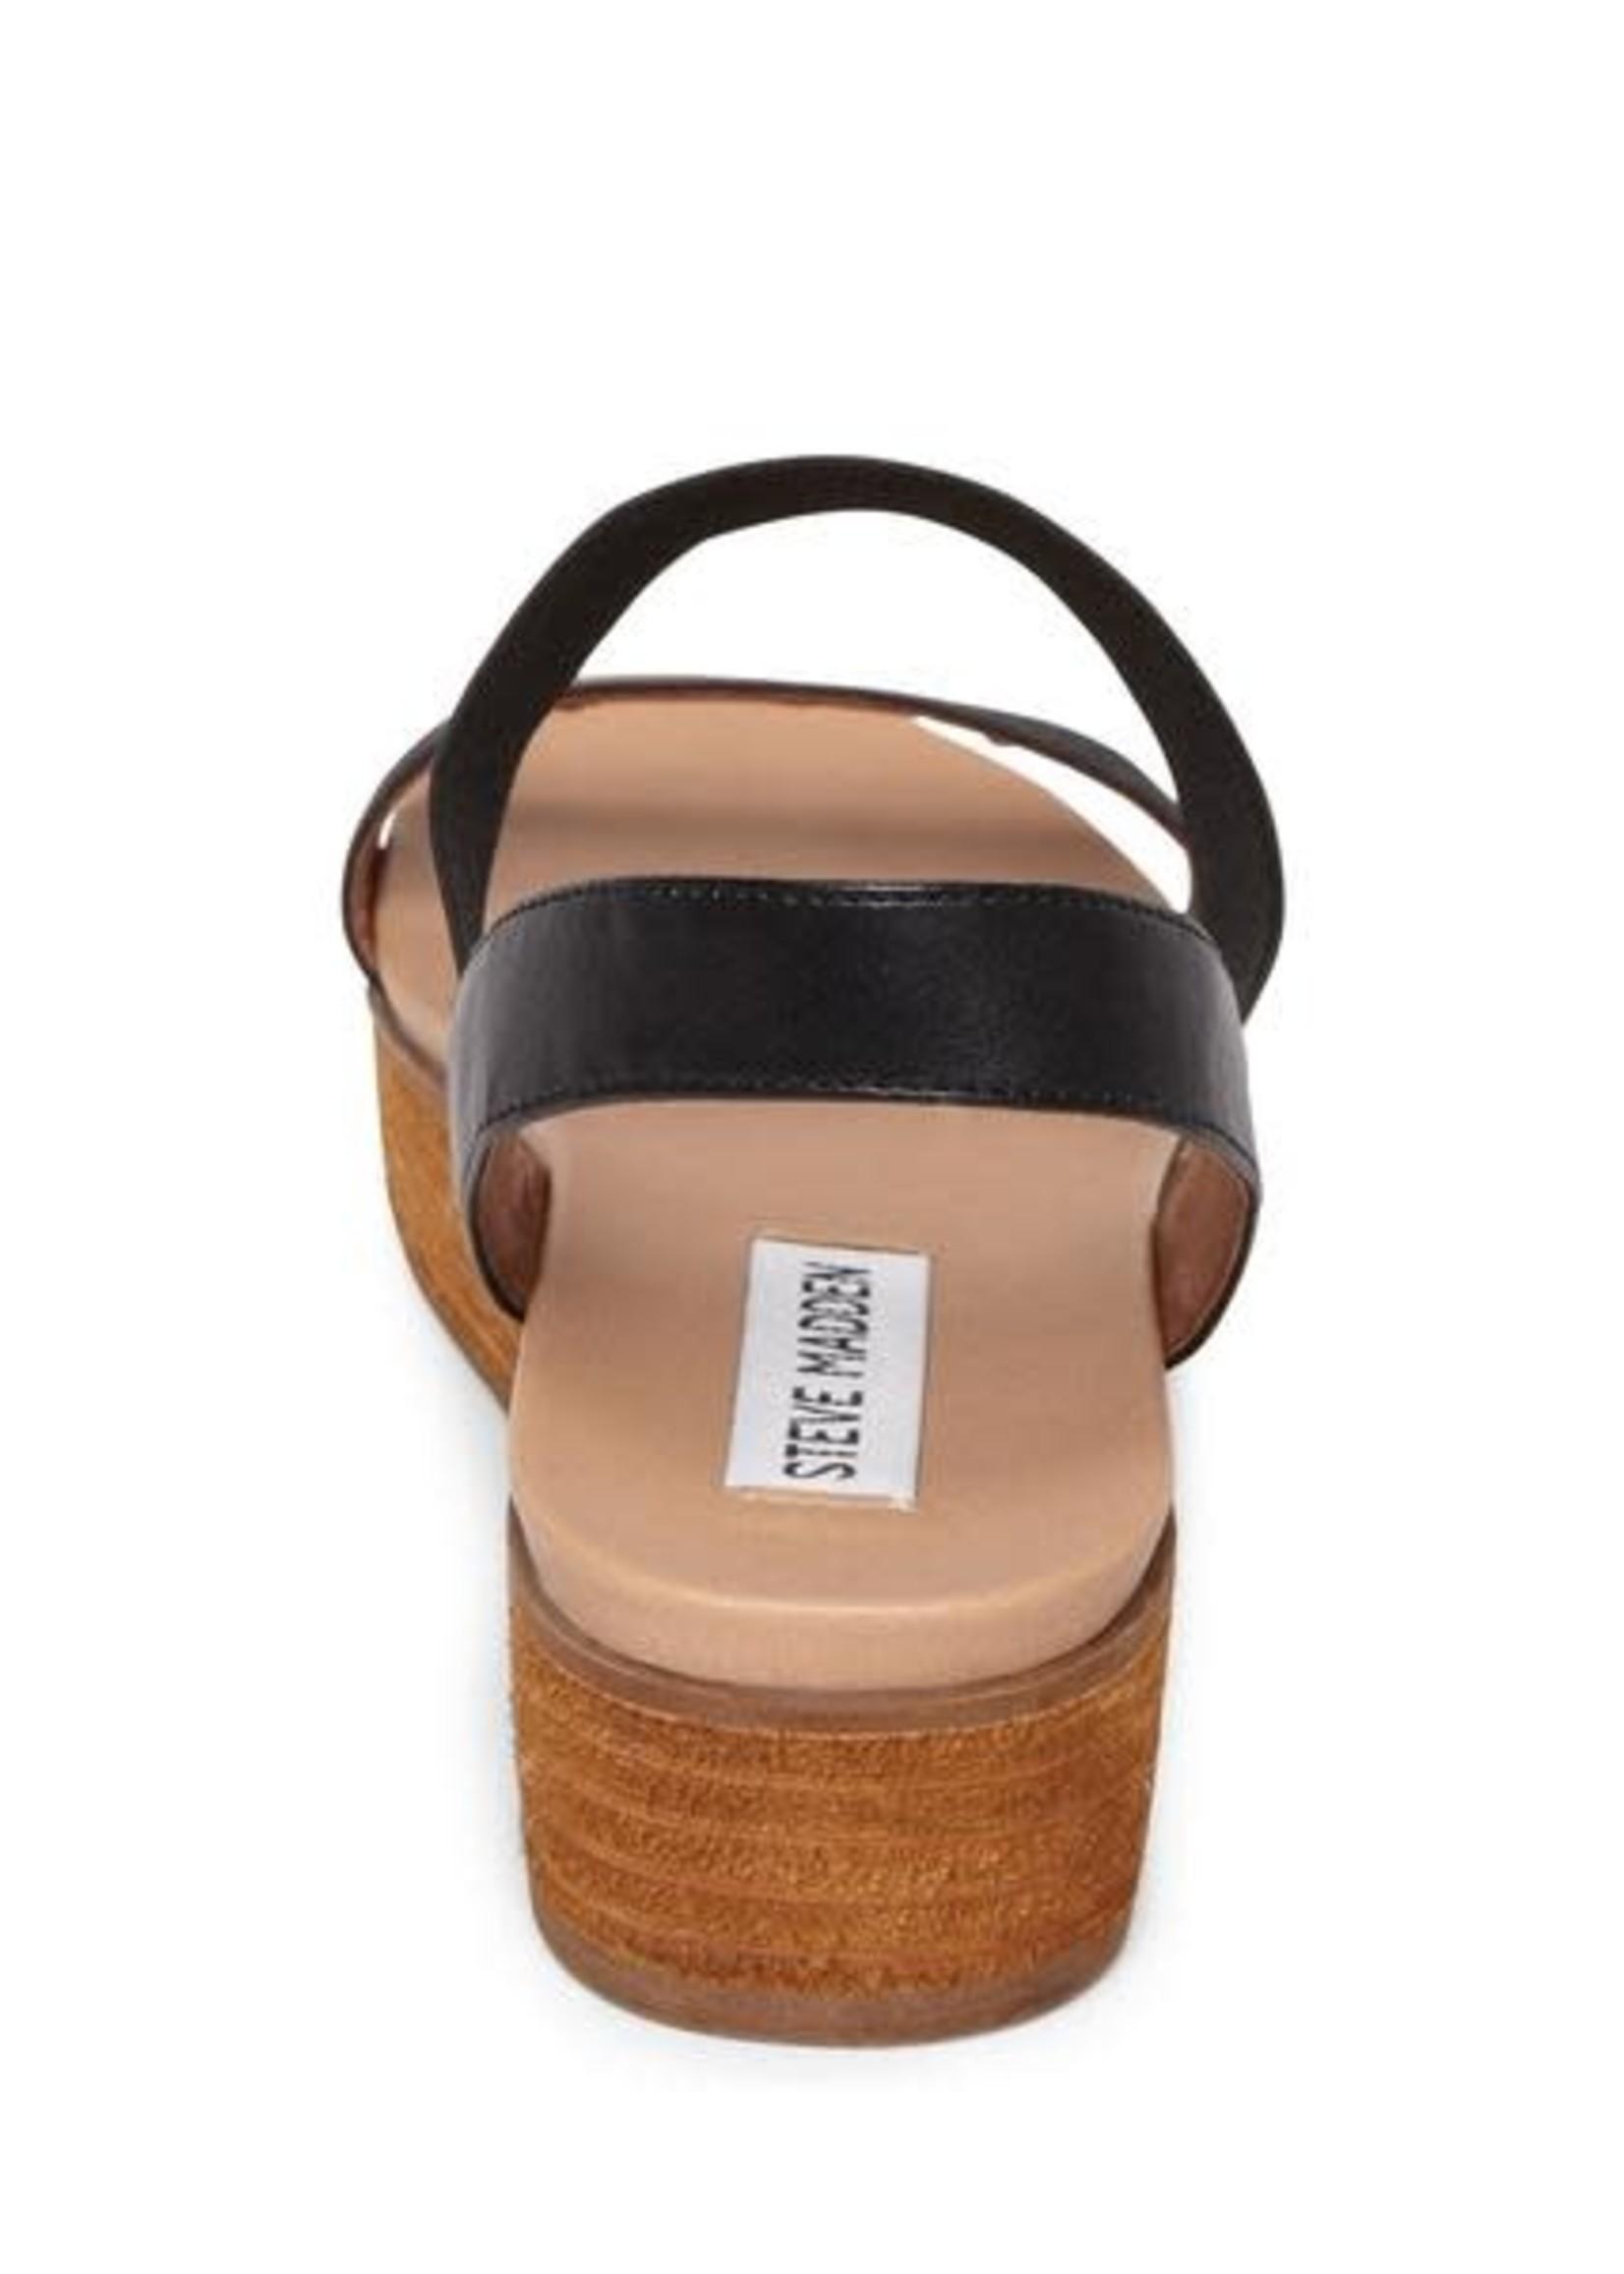 STEVE MADDEN AGILE sandal